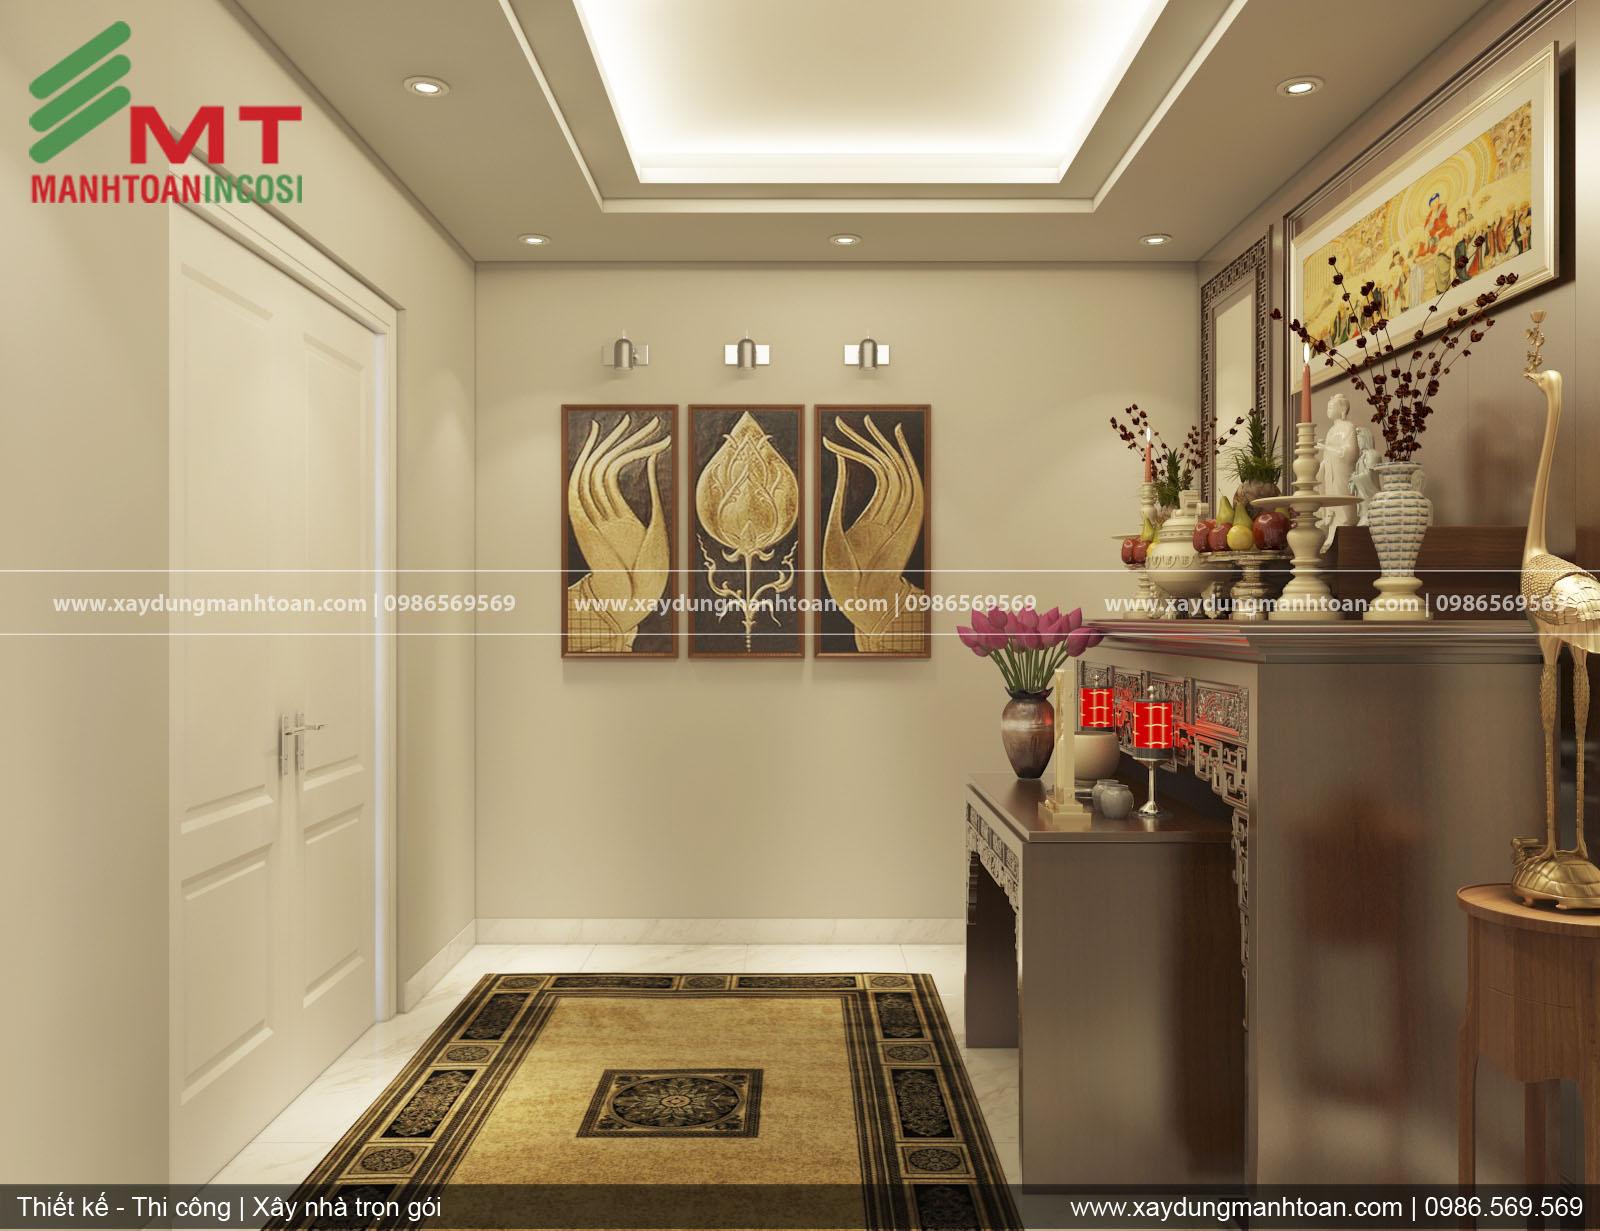 Thiết kế nội thất biệt thự, thiết kế nội thất nhà đẹp, thiết kế nội thất cho gia đình có trẻ nhỏ